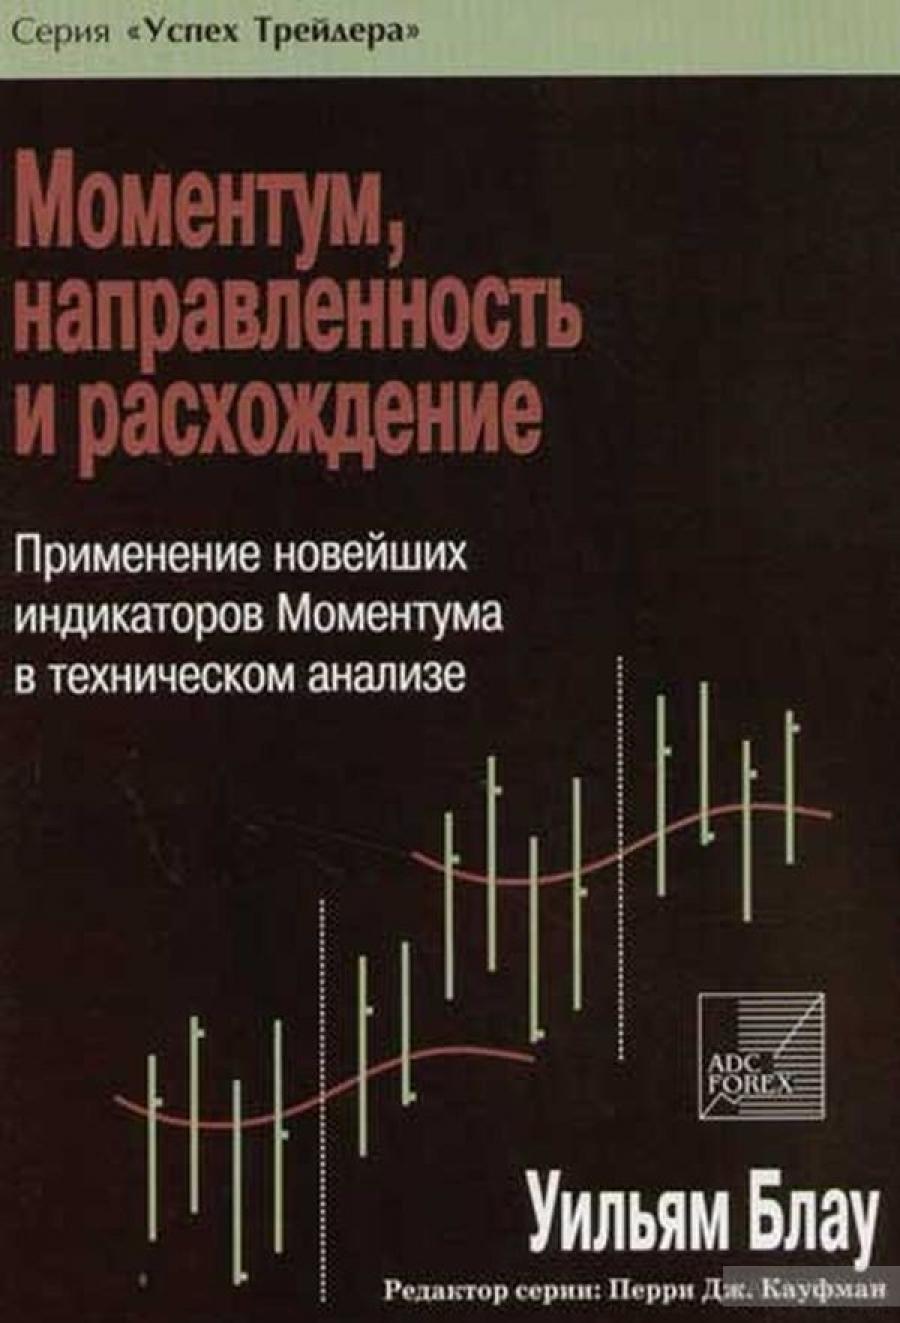 Обложка книги:  блау у. - моментум, направленность и расхождение